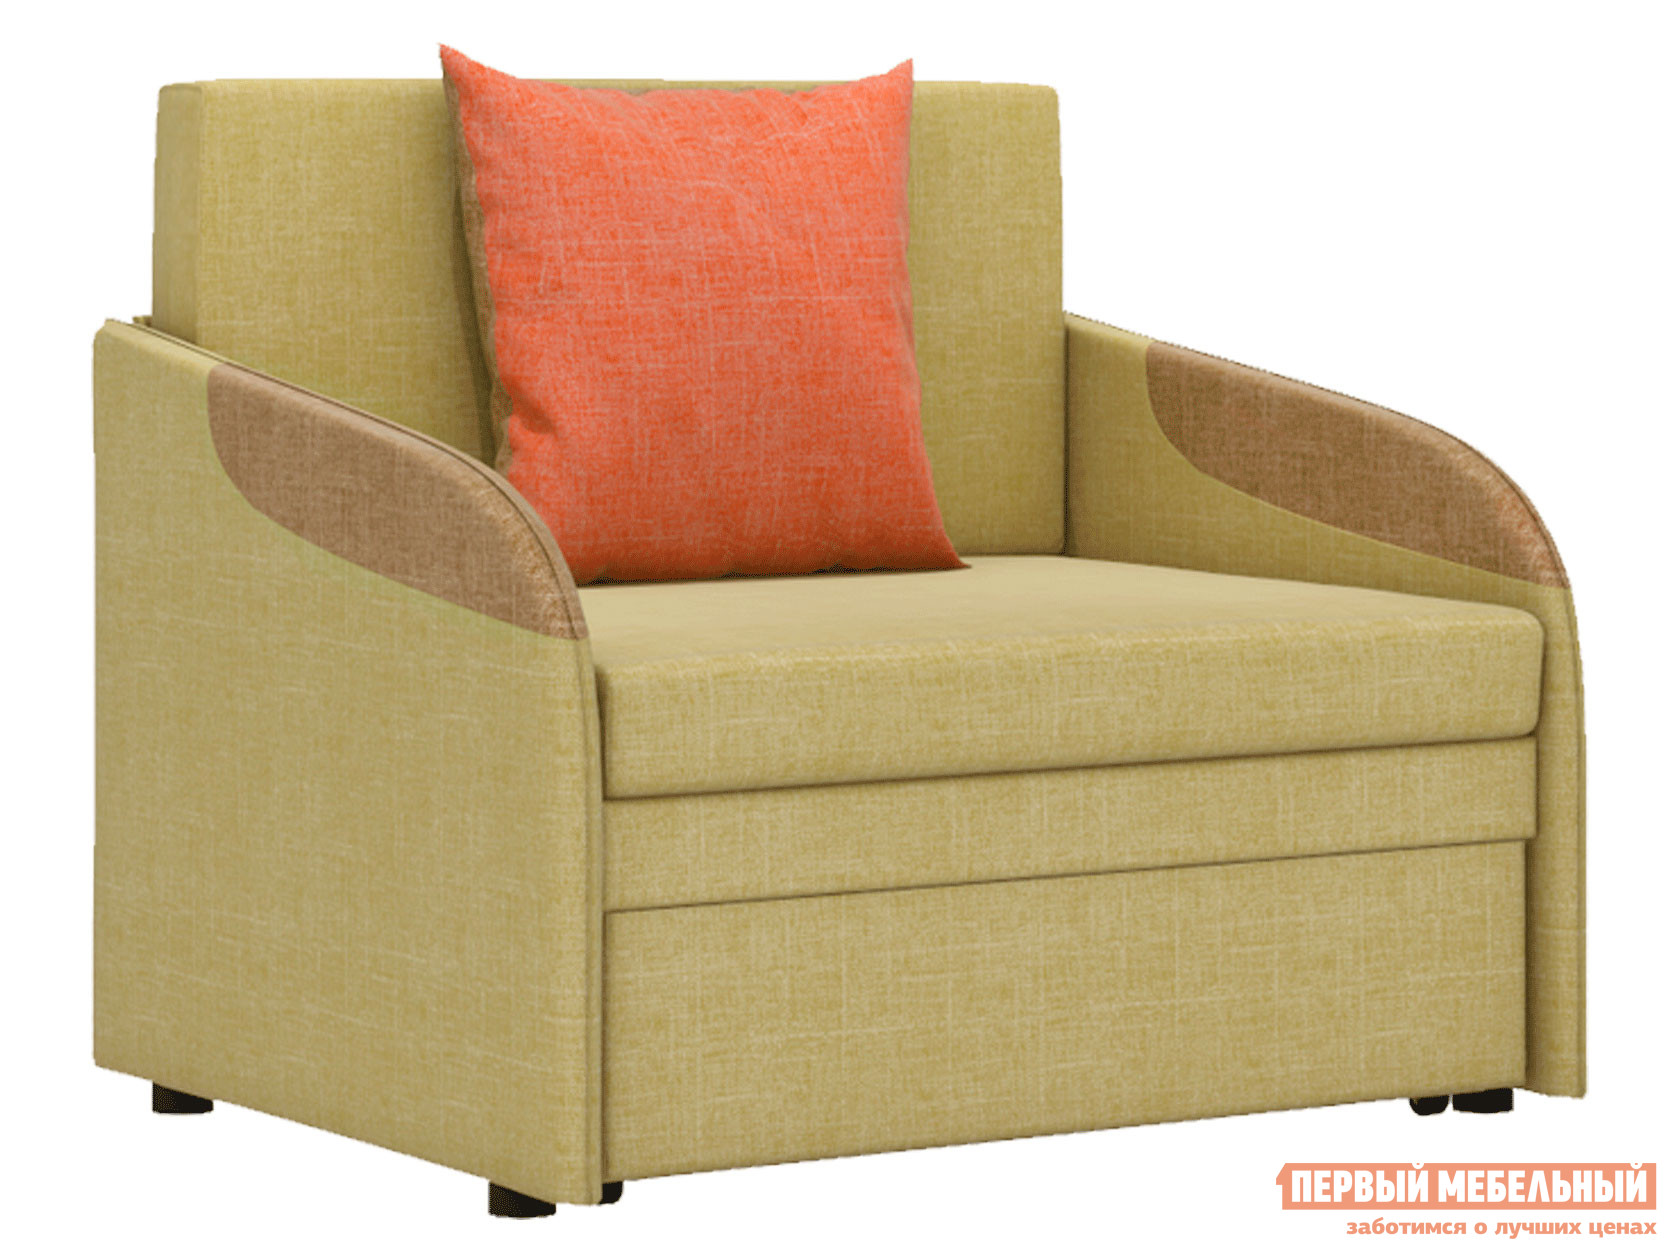 Кресло  Кресло-кровать Громит Горчичный, велюр — Кресло-кровать Громит Горчичный, велюр